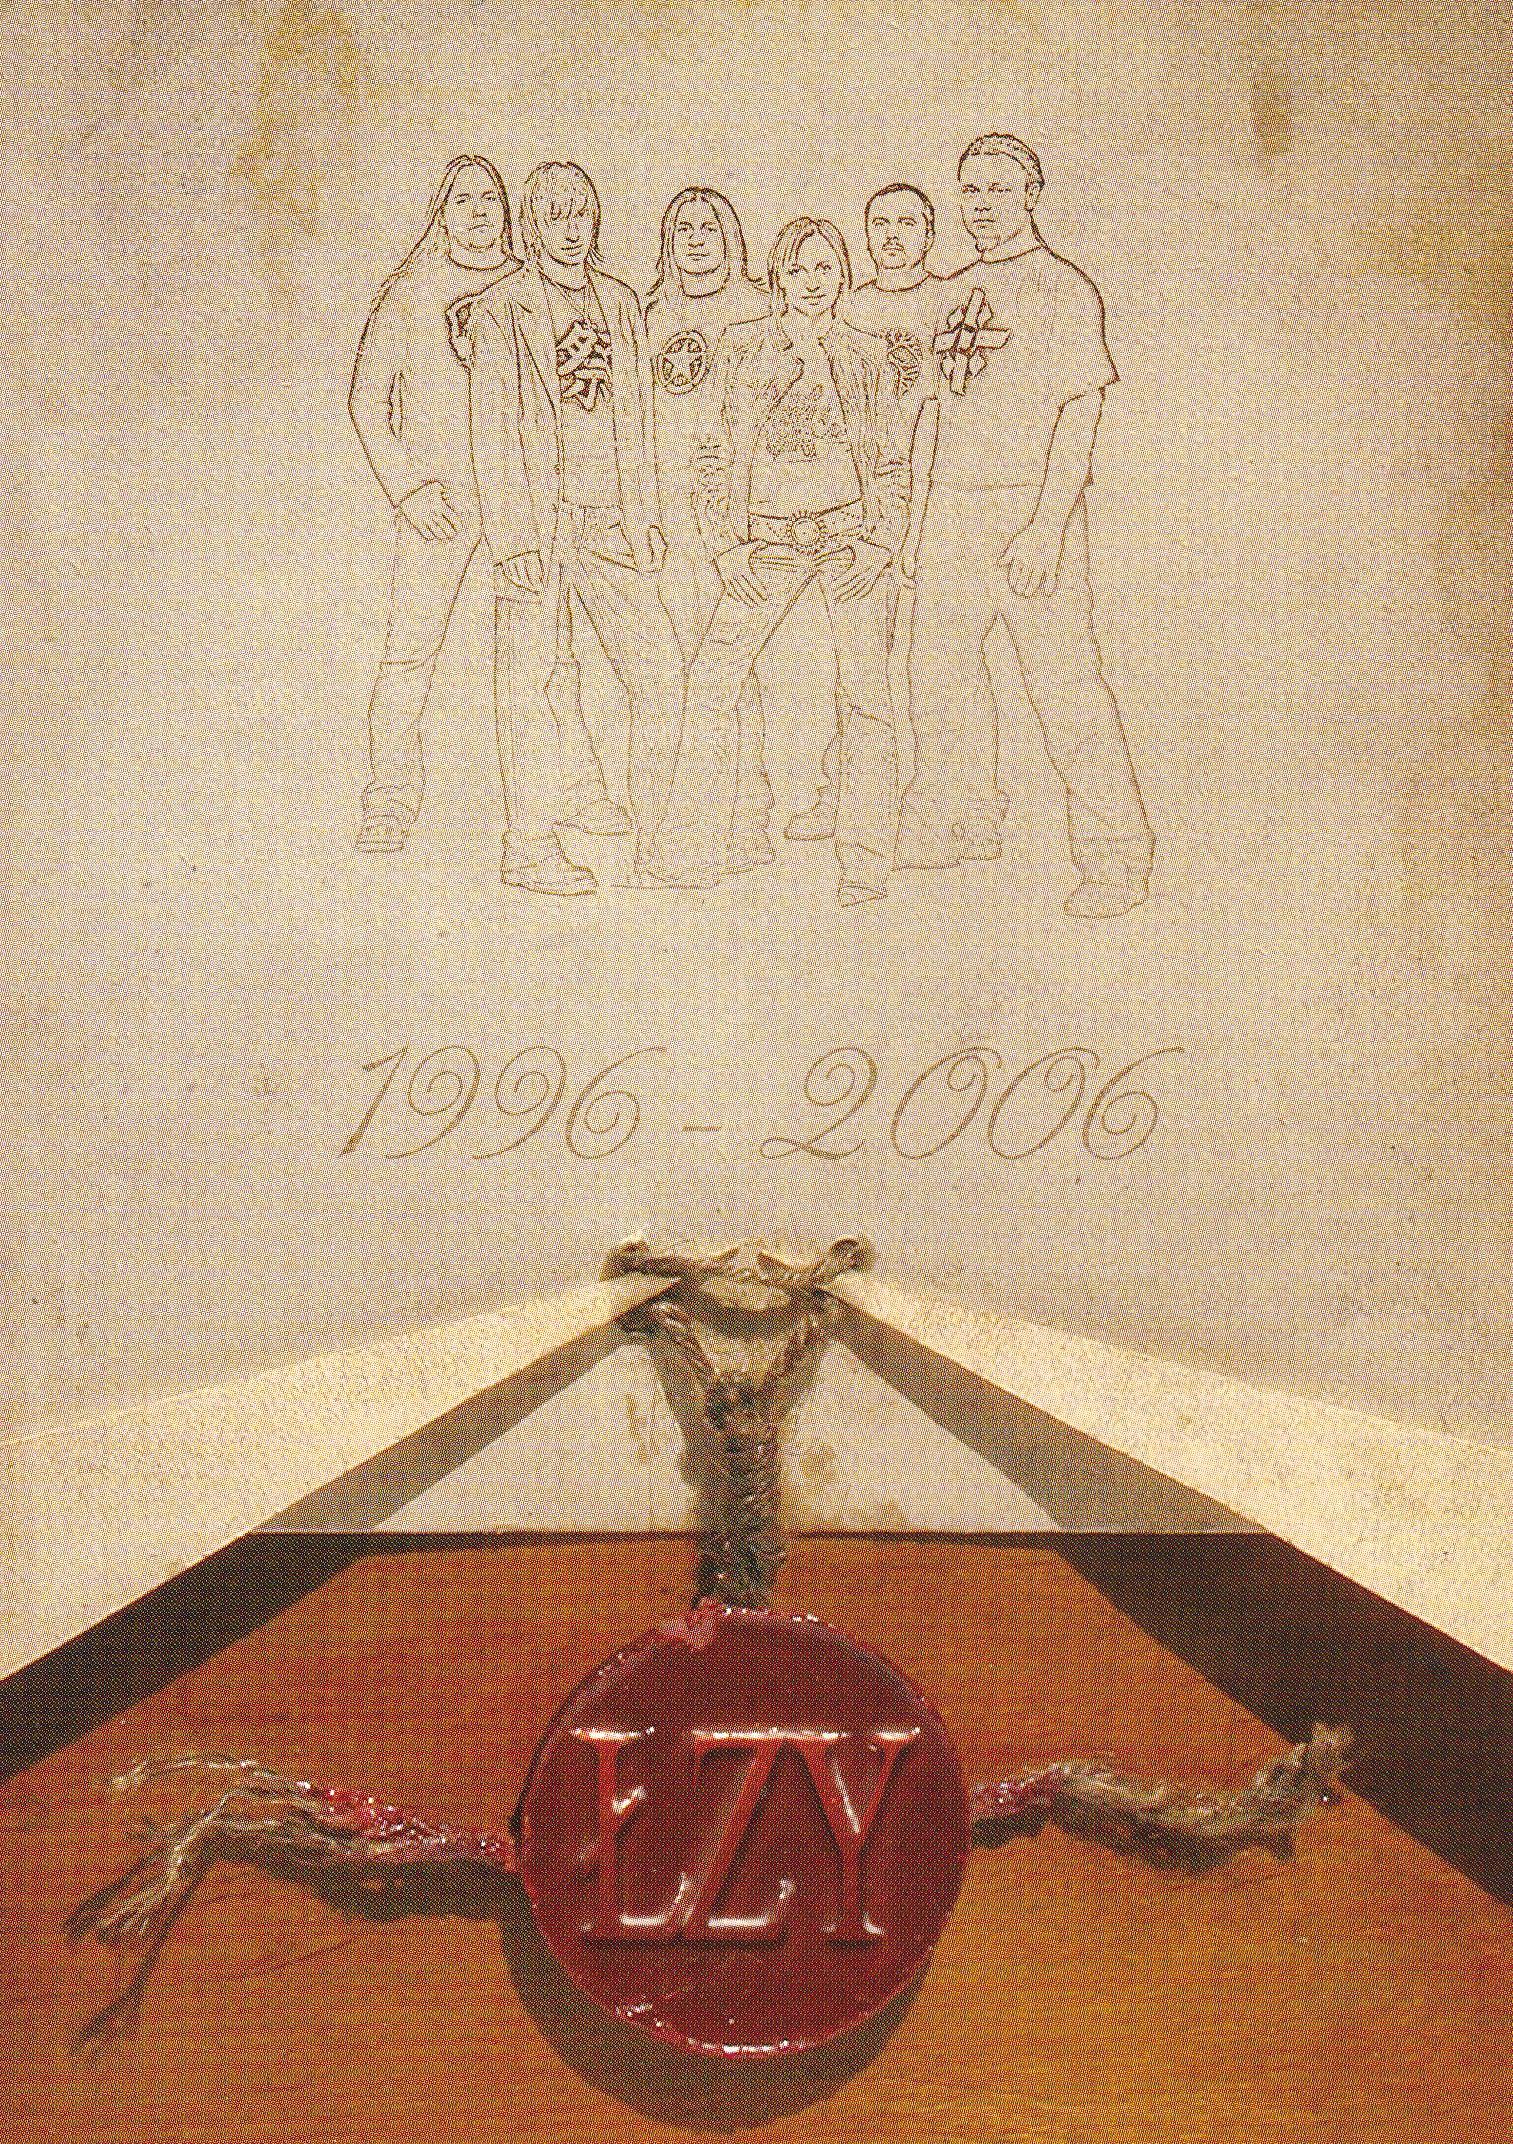 Lzy: 1996-2006